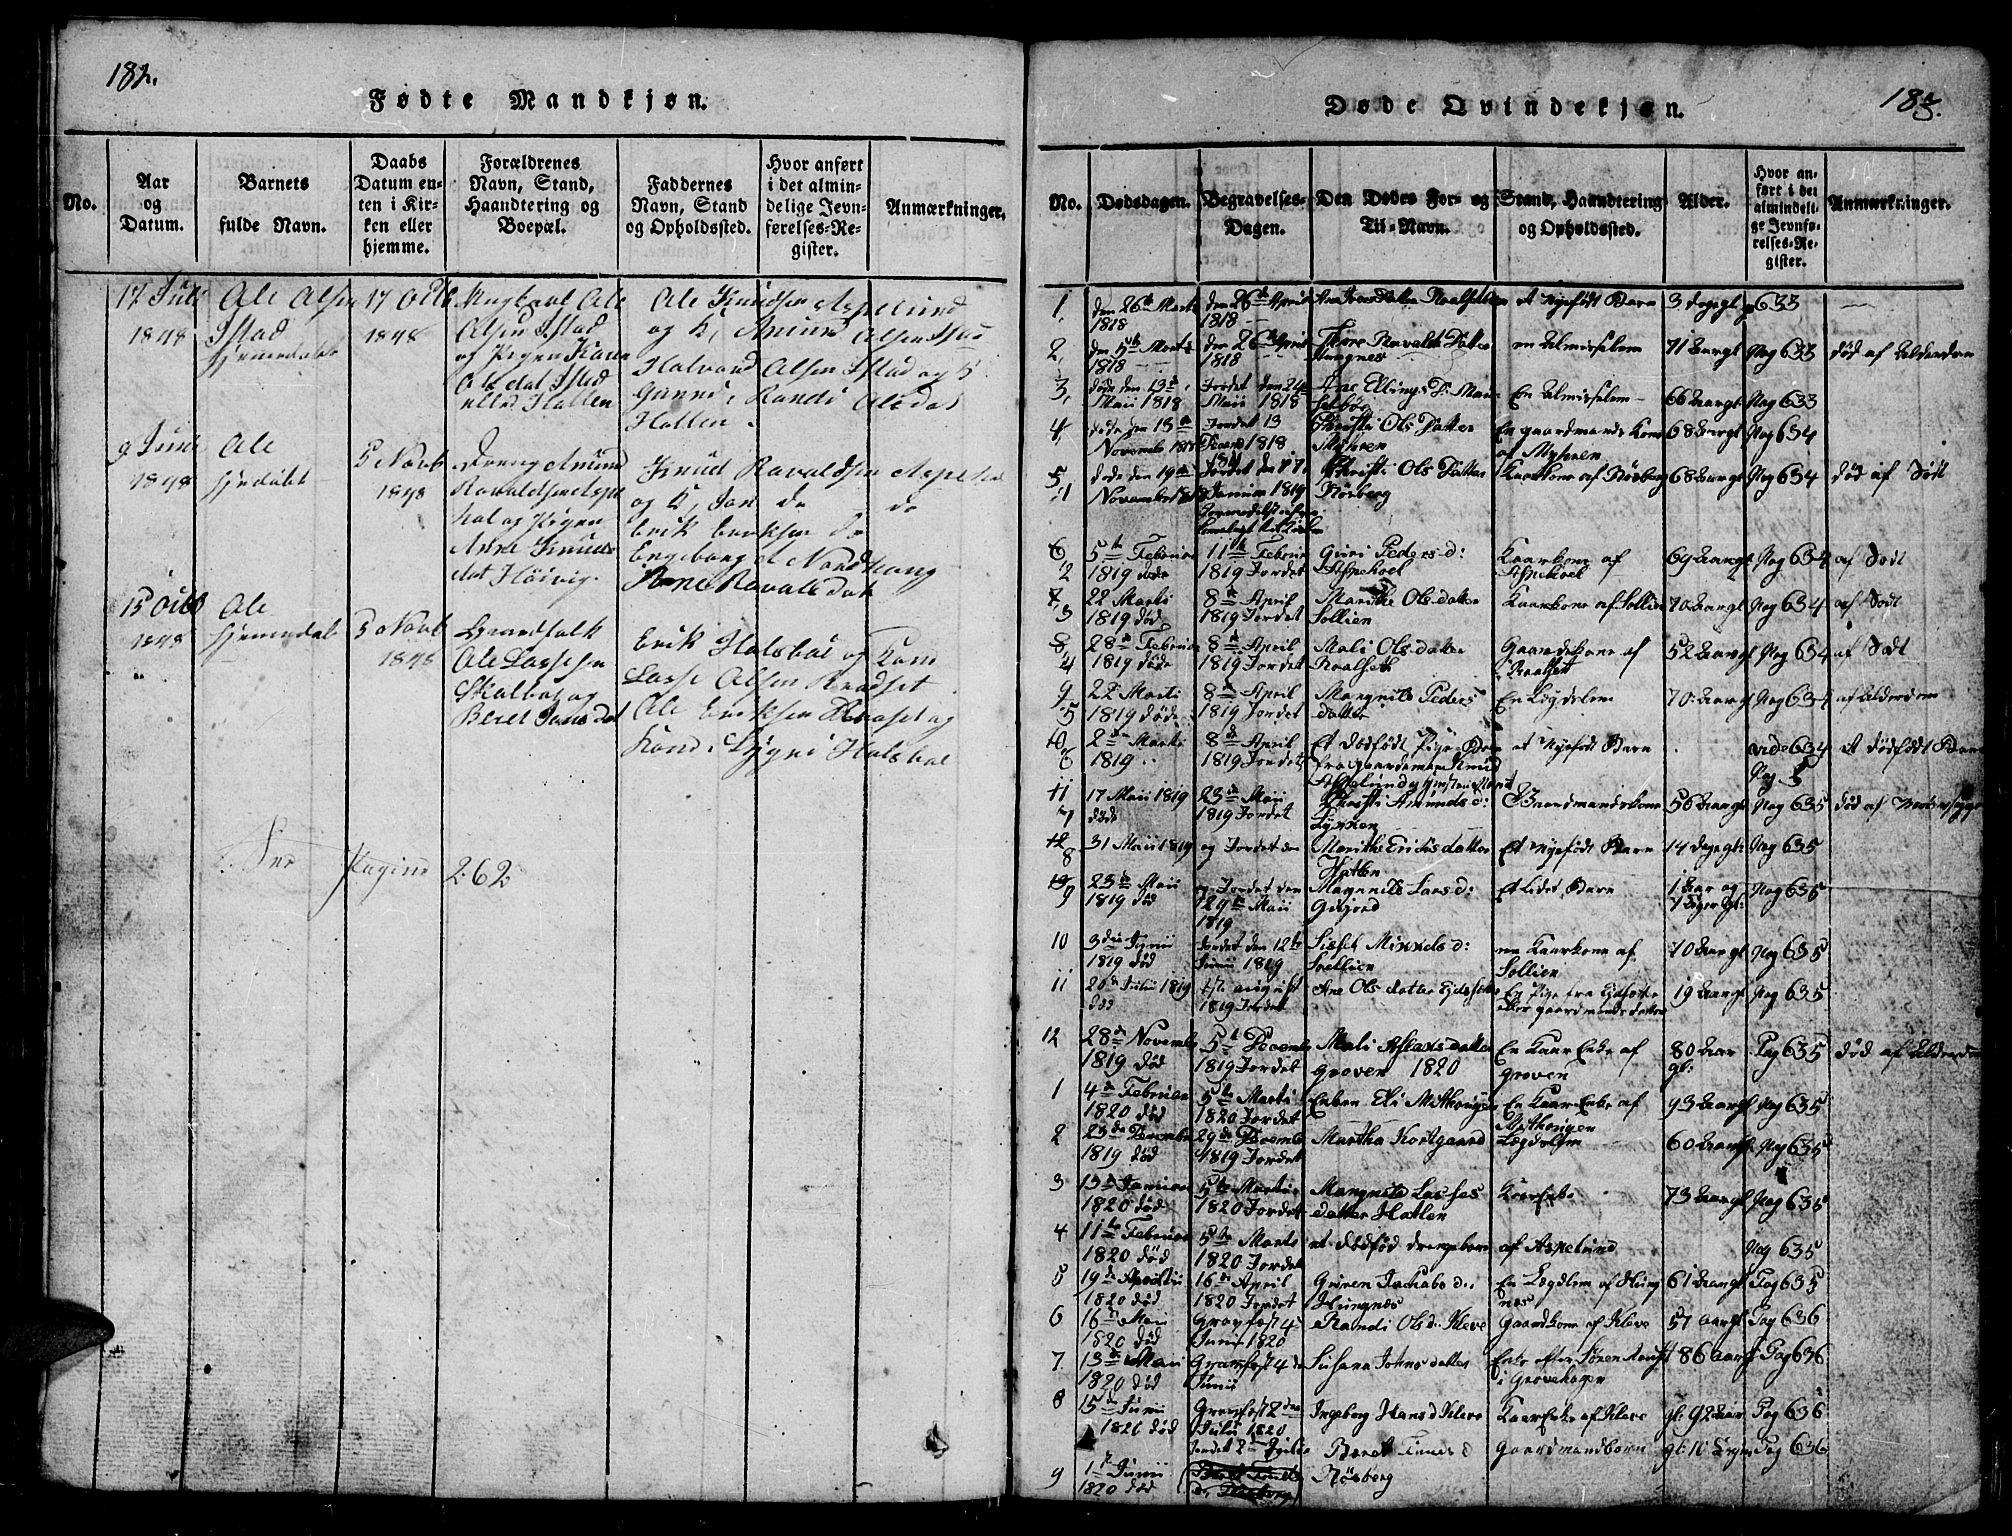 SAT, Ministerialprotokoller, klokkerbøker og fødselsregistre - Møre og Romsdal, 557/L0683: Klokkerbok nr. 557C01, 1818-1862, s. 182-183